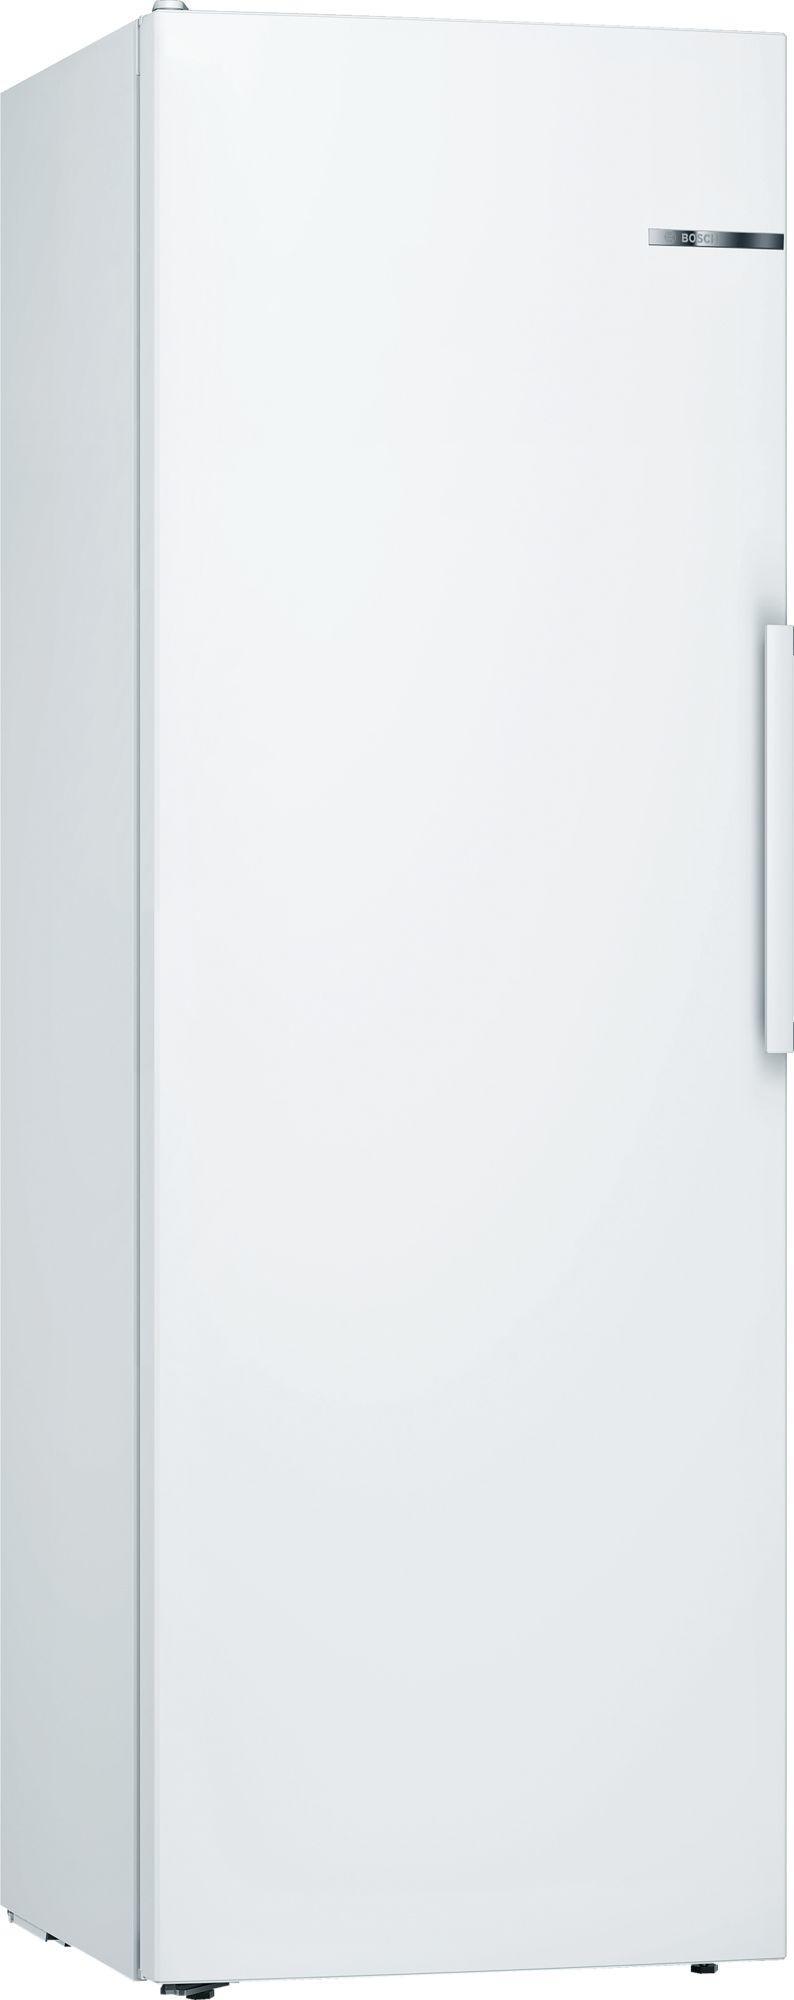 Image of Serie 4 KSV33VWEPG 60cm 324 Litre Single Door Larder Fridge | White